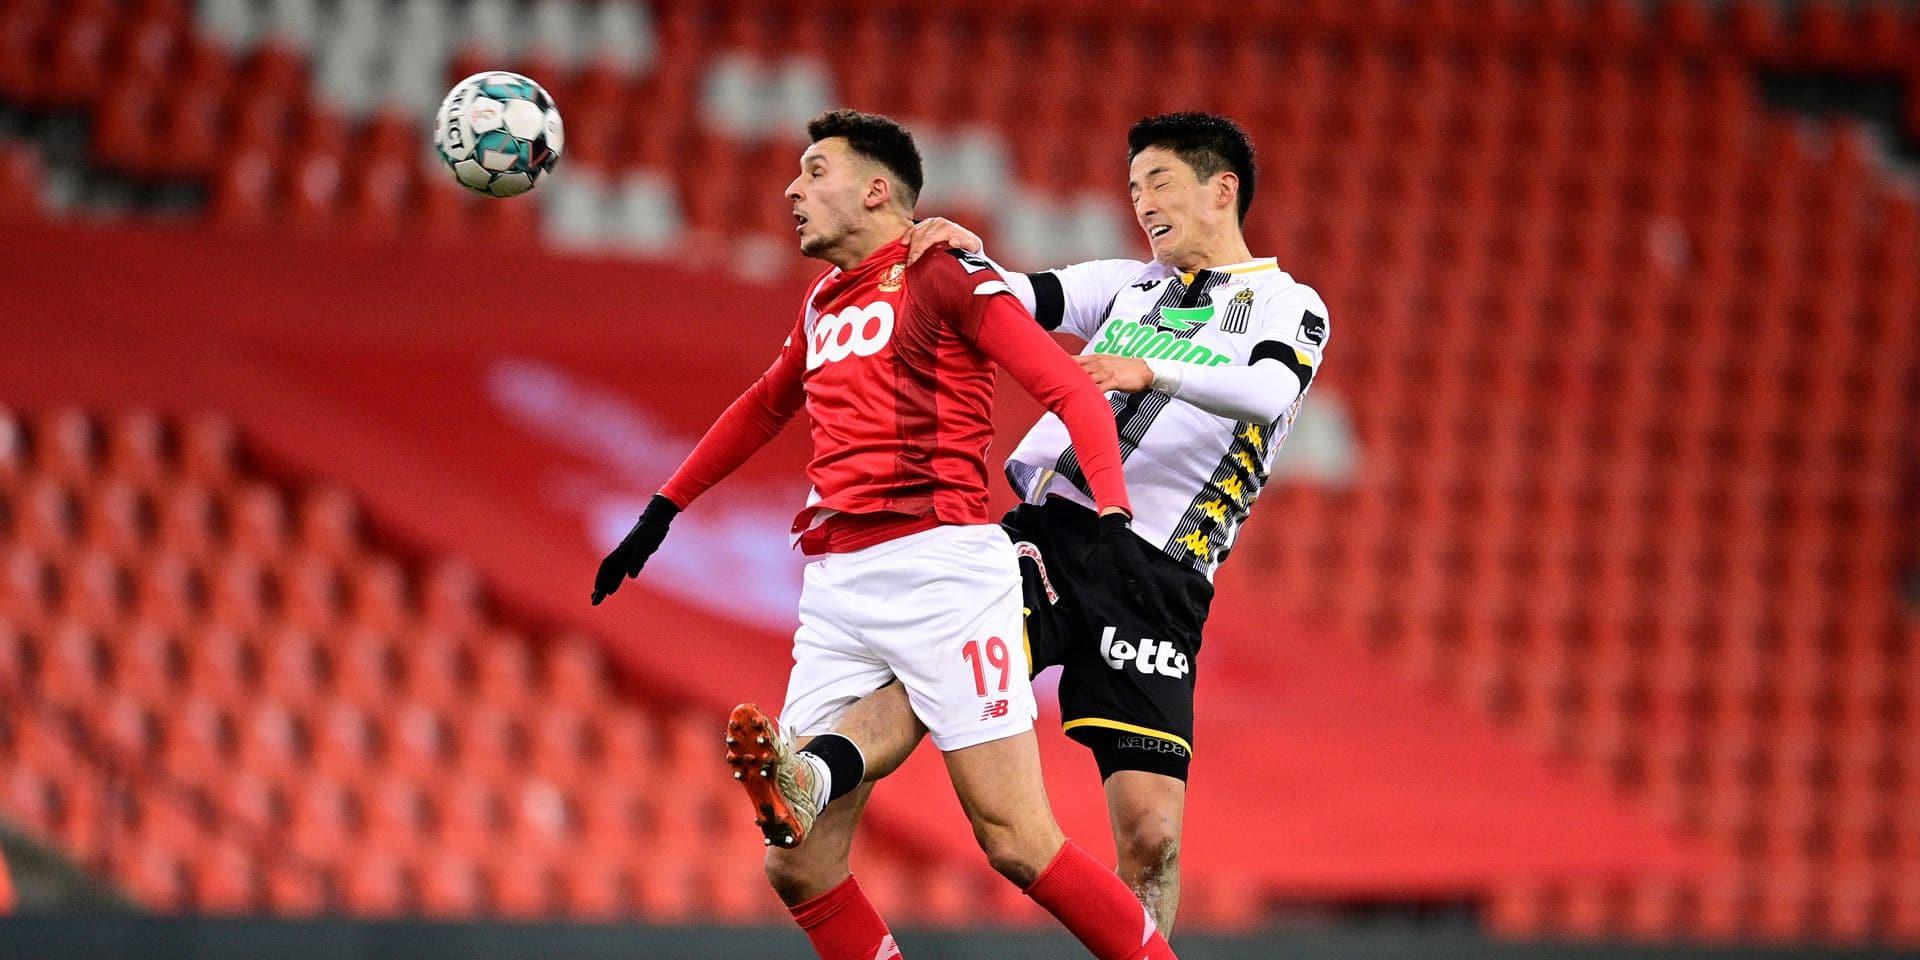 """Les supporters de Charleroi réagissent à la mauvaise série actuelle: """"Cela ne me donne pas envie de retourner au stade"""""""